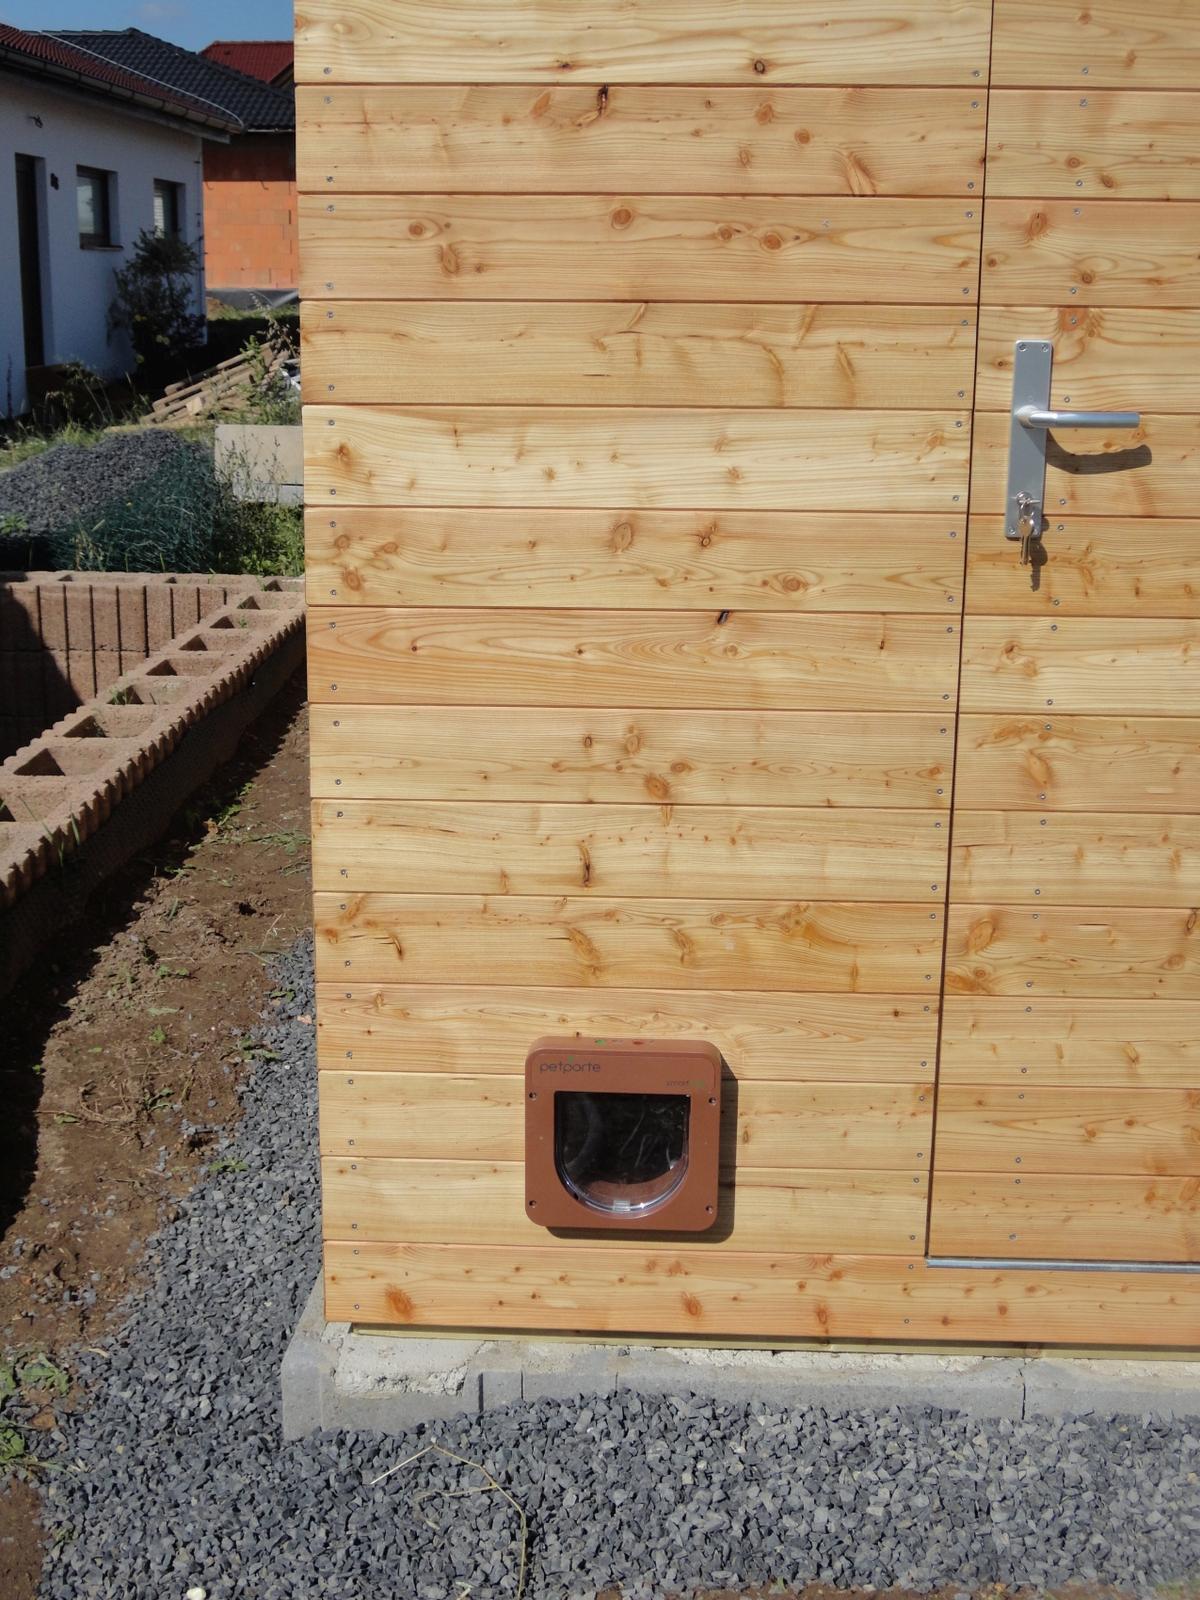 Zahradní domek s dvířky pro kočku - Obrázek č. 2